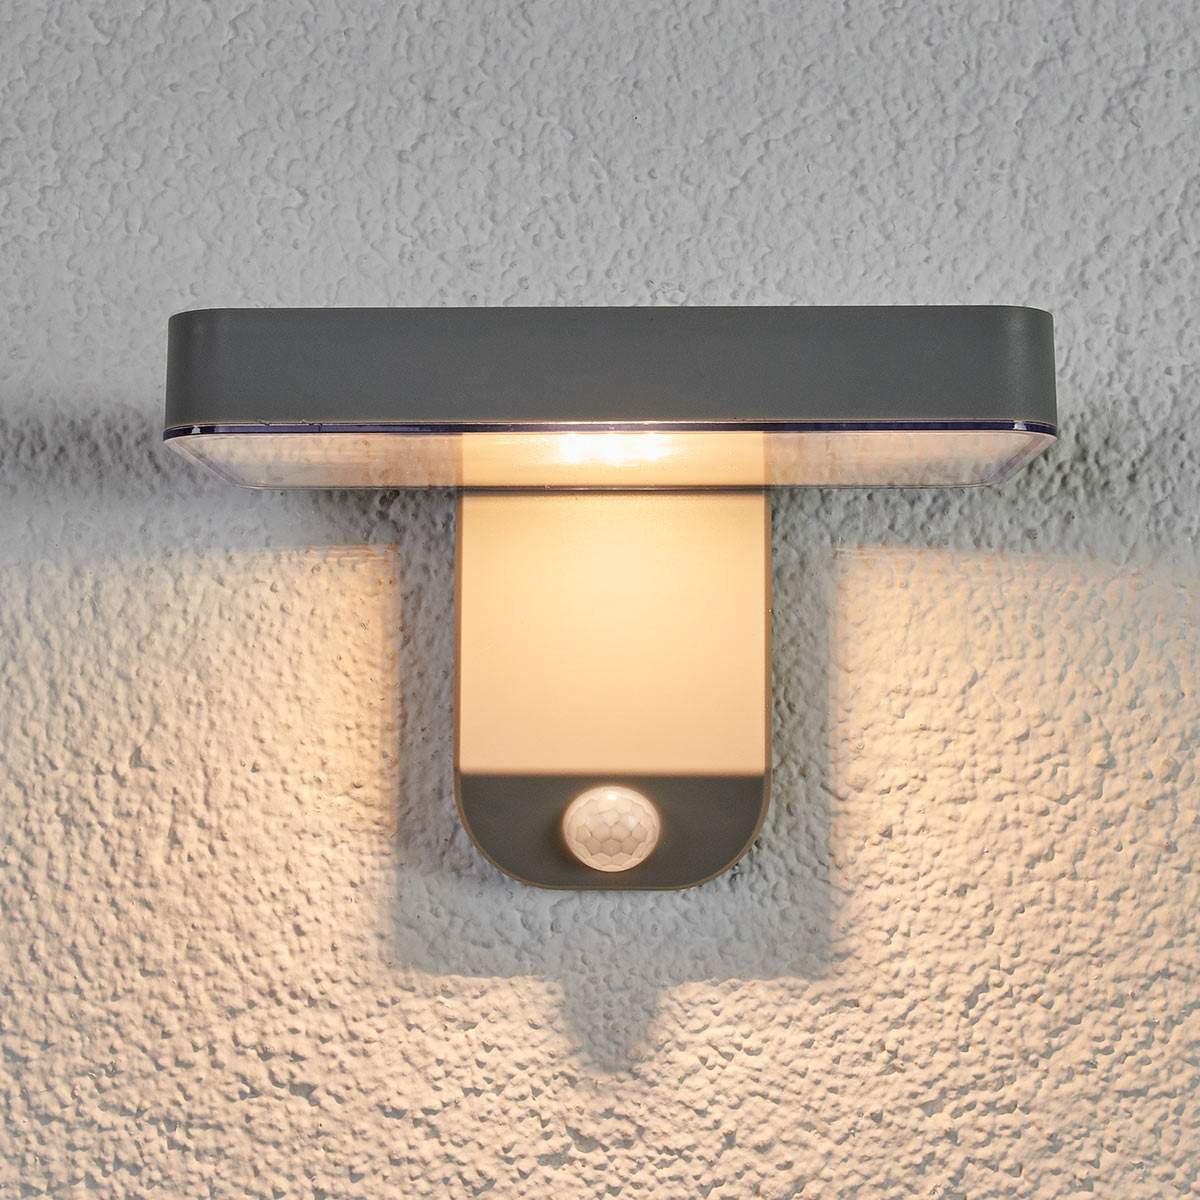 Solar-Außenwandlampe Maik mit Bewegungsmelder, 12x18x12,7 cm, Kunststoff, grau | #4